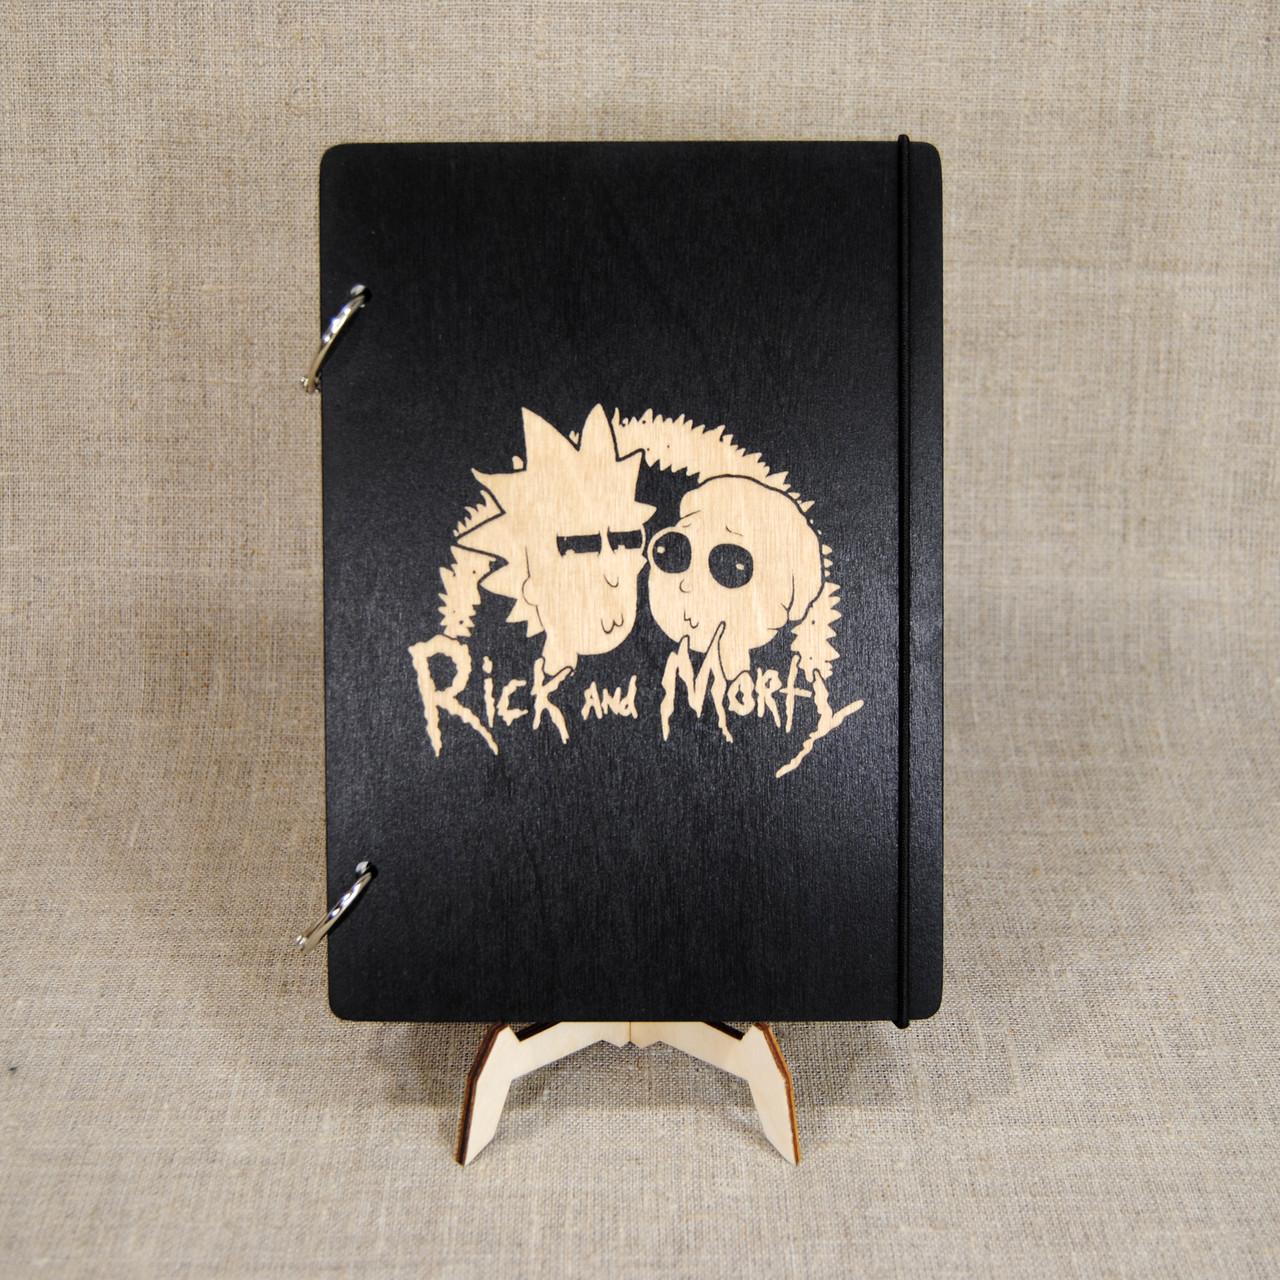 Скетчбук Rick and Morty. Блокнот с деревянной обложкой Рик и Морти.